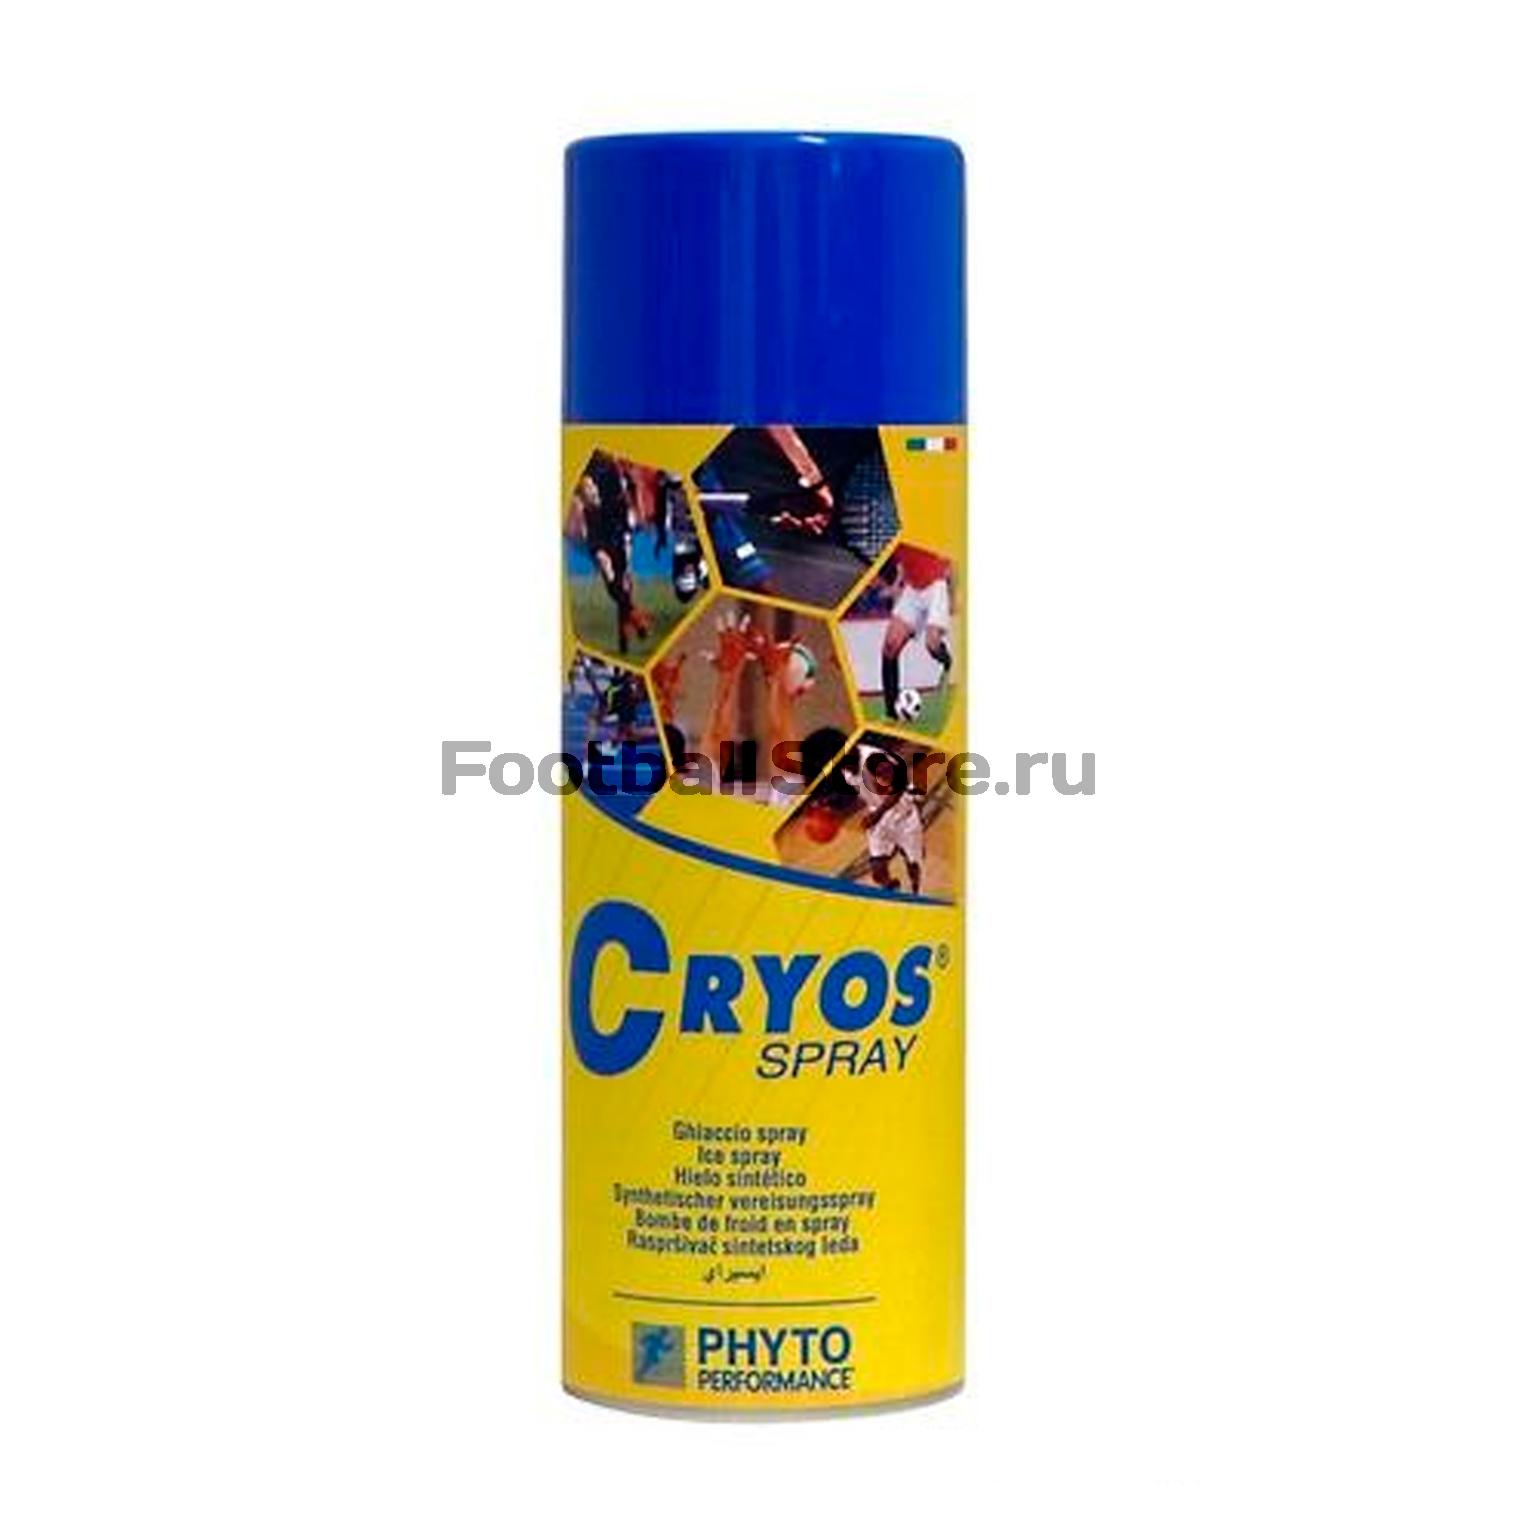 Замораживающий спрей Cryos-Spray 400мл. цена